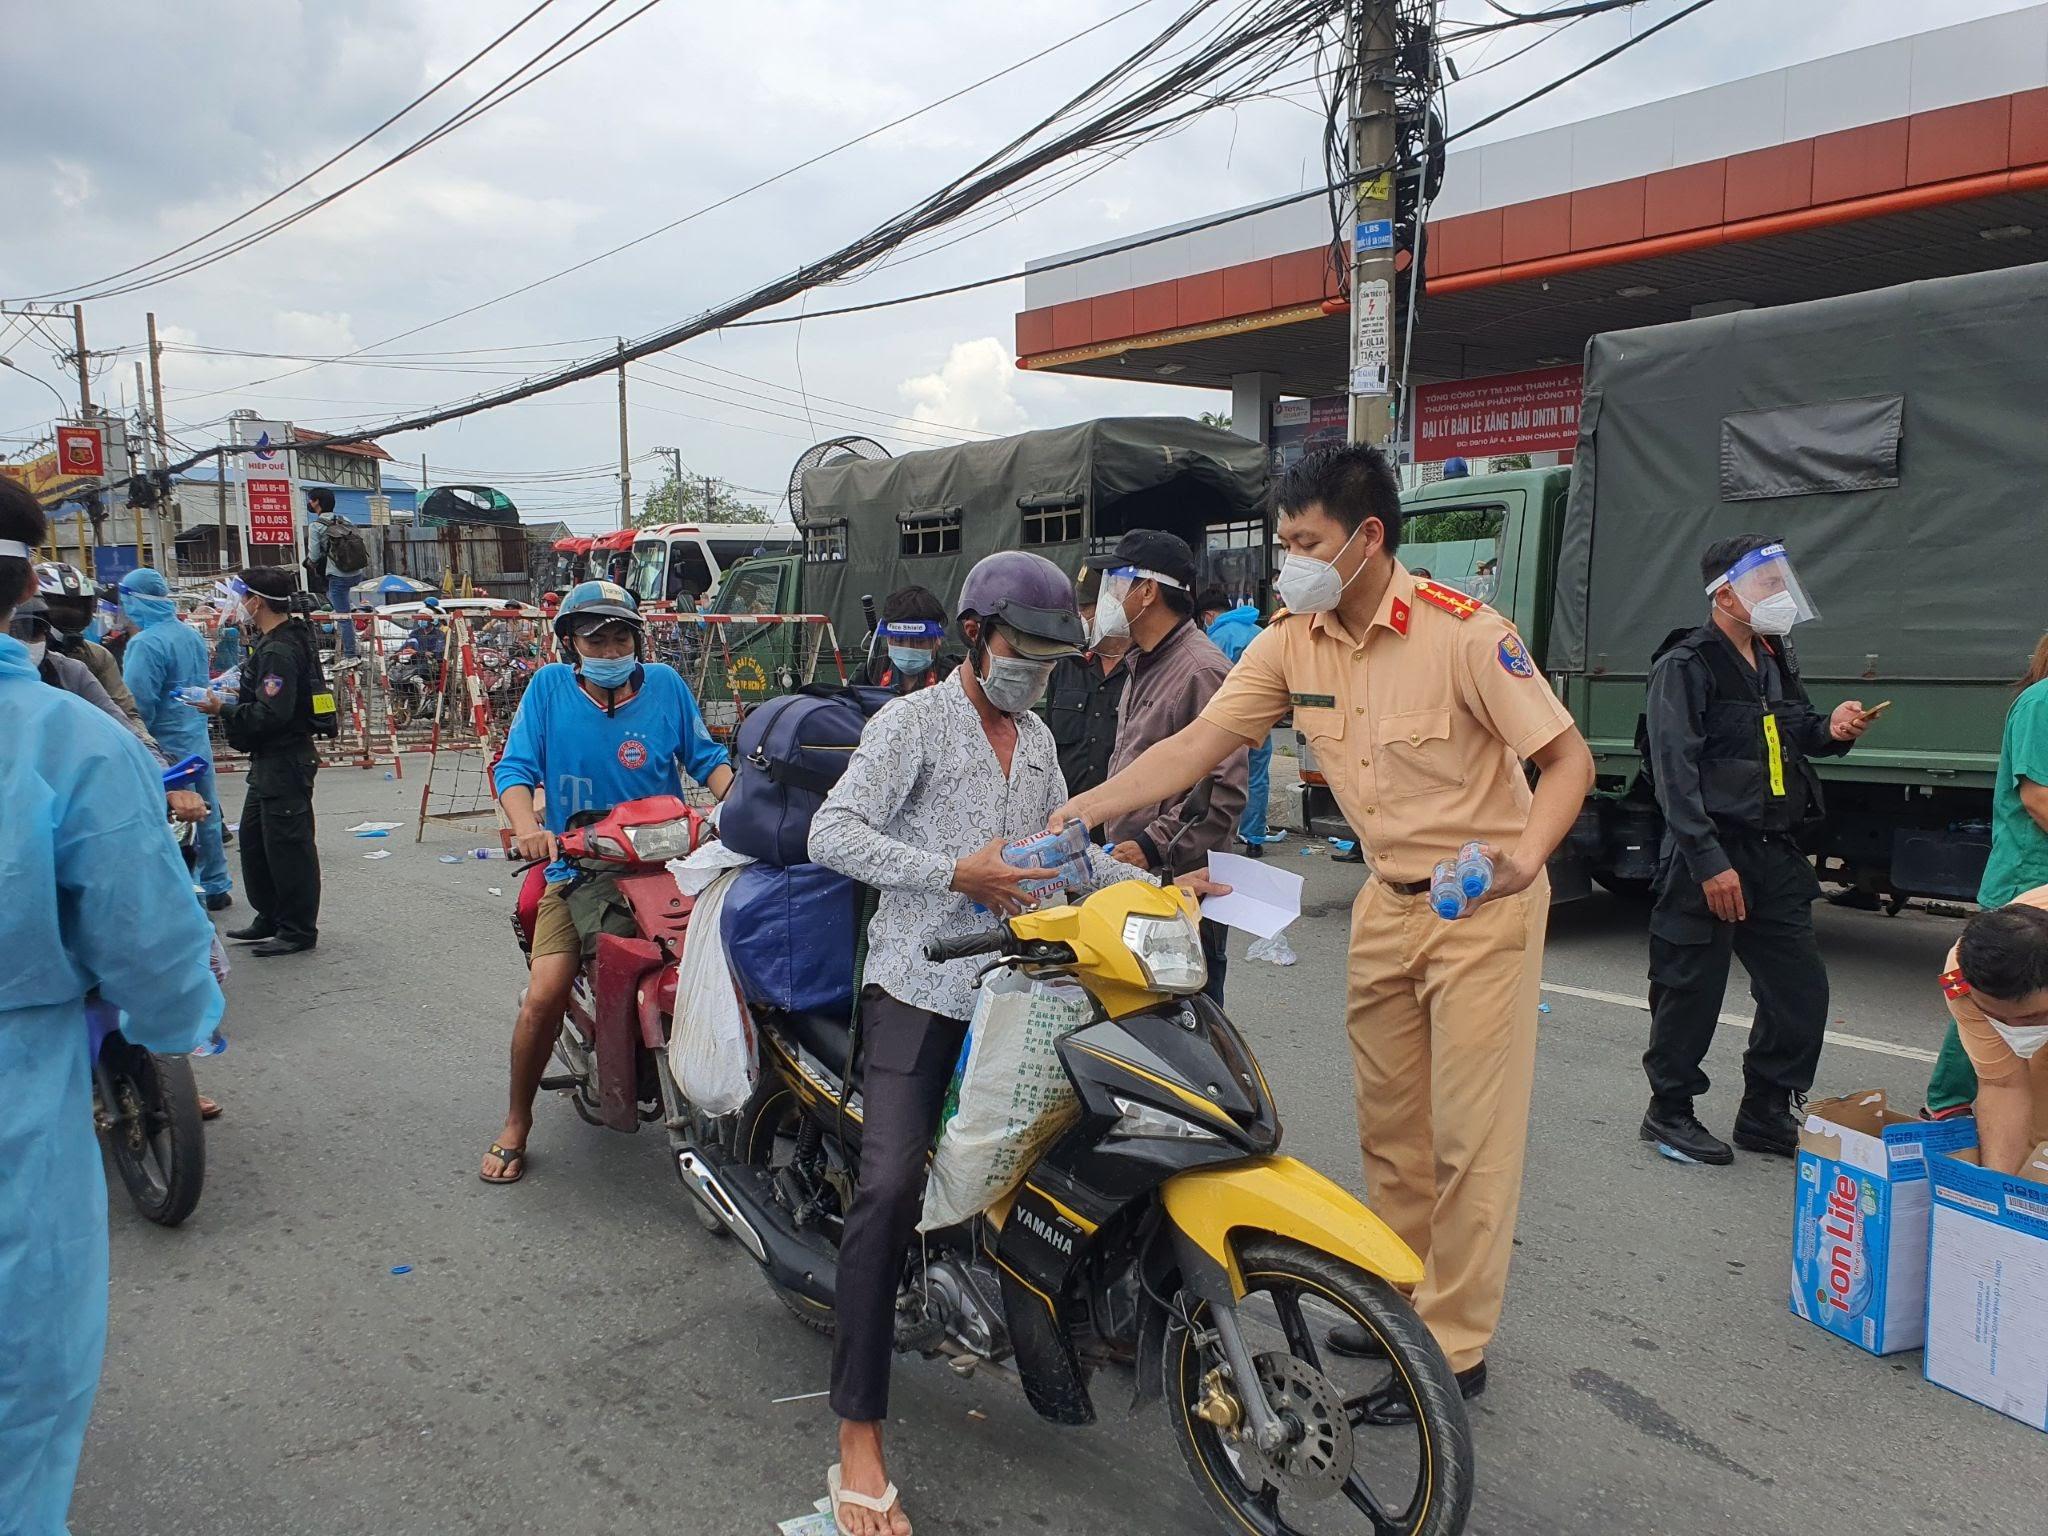 Nguyễn Sin hiến kế cho bà con miền Tây về quê, bị dân mạng mỉa mai: Một cái đầu mà đi so sánh với một bộ máy - Hình 1